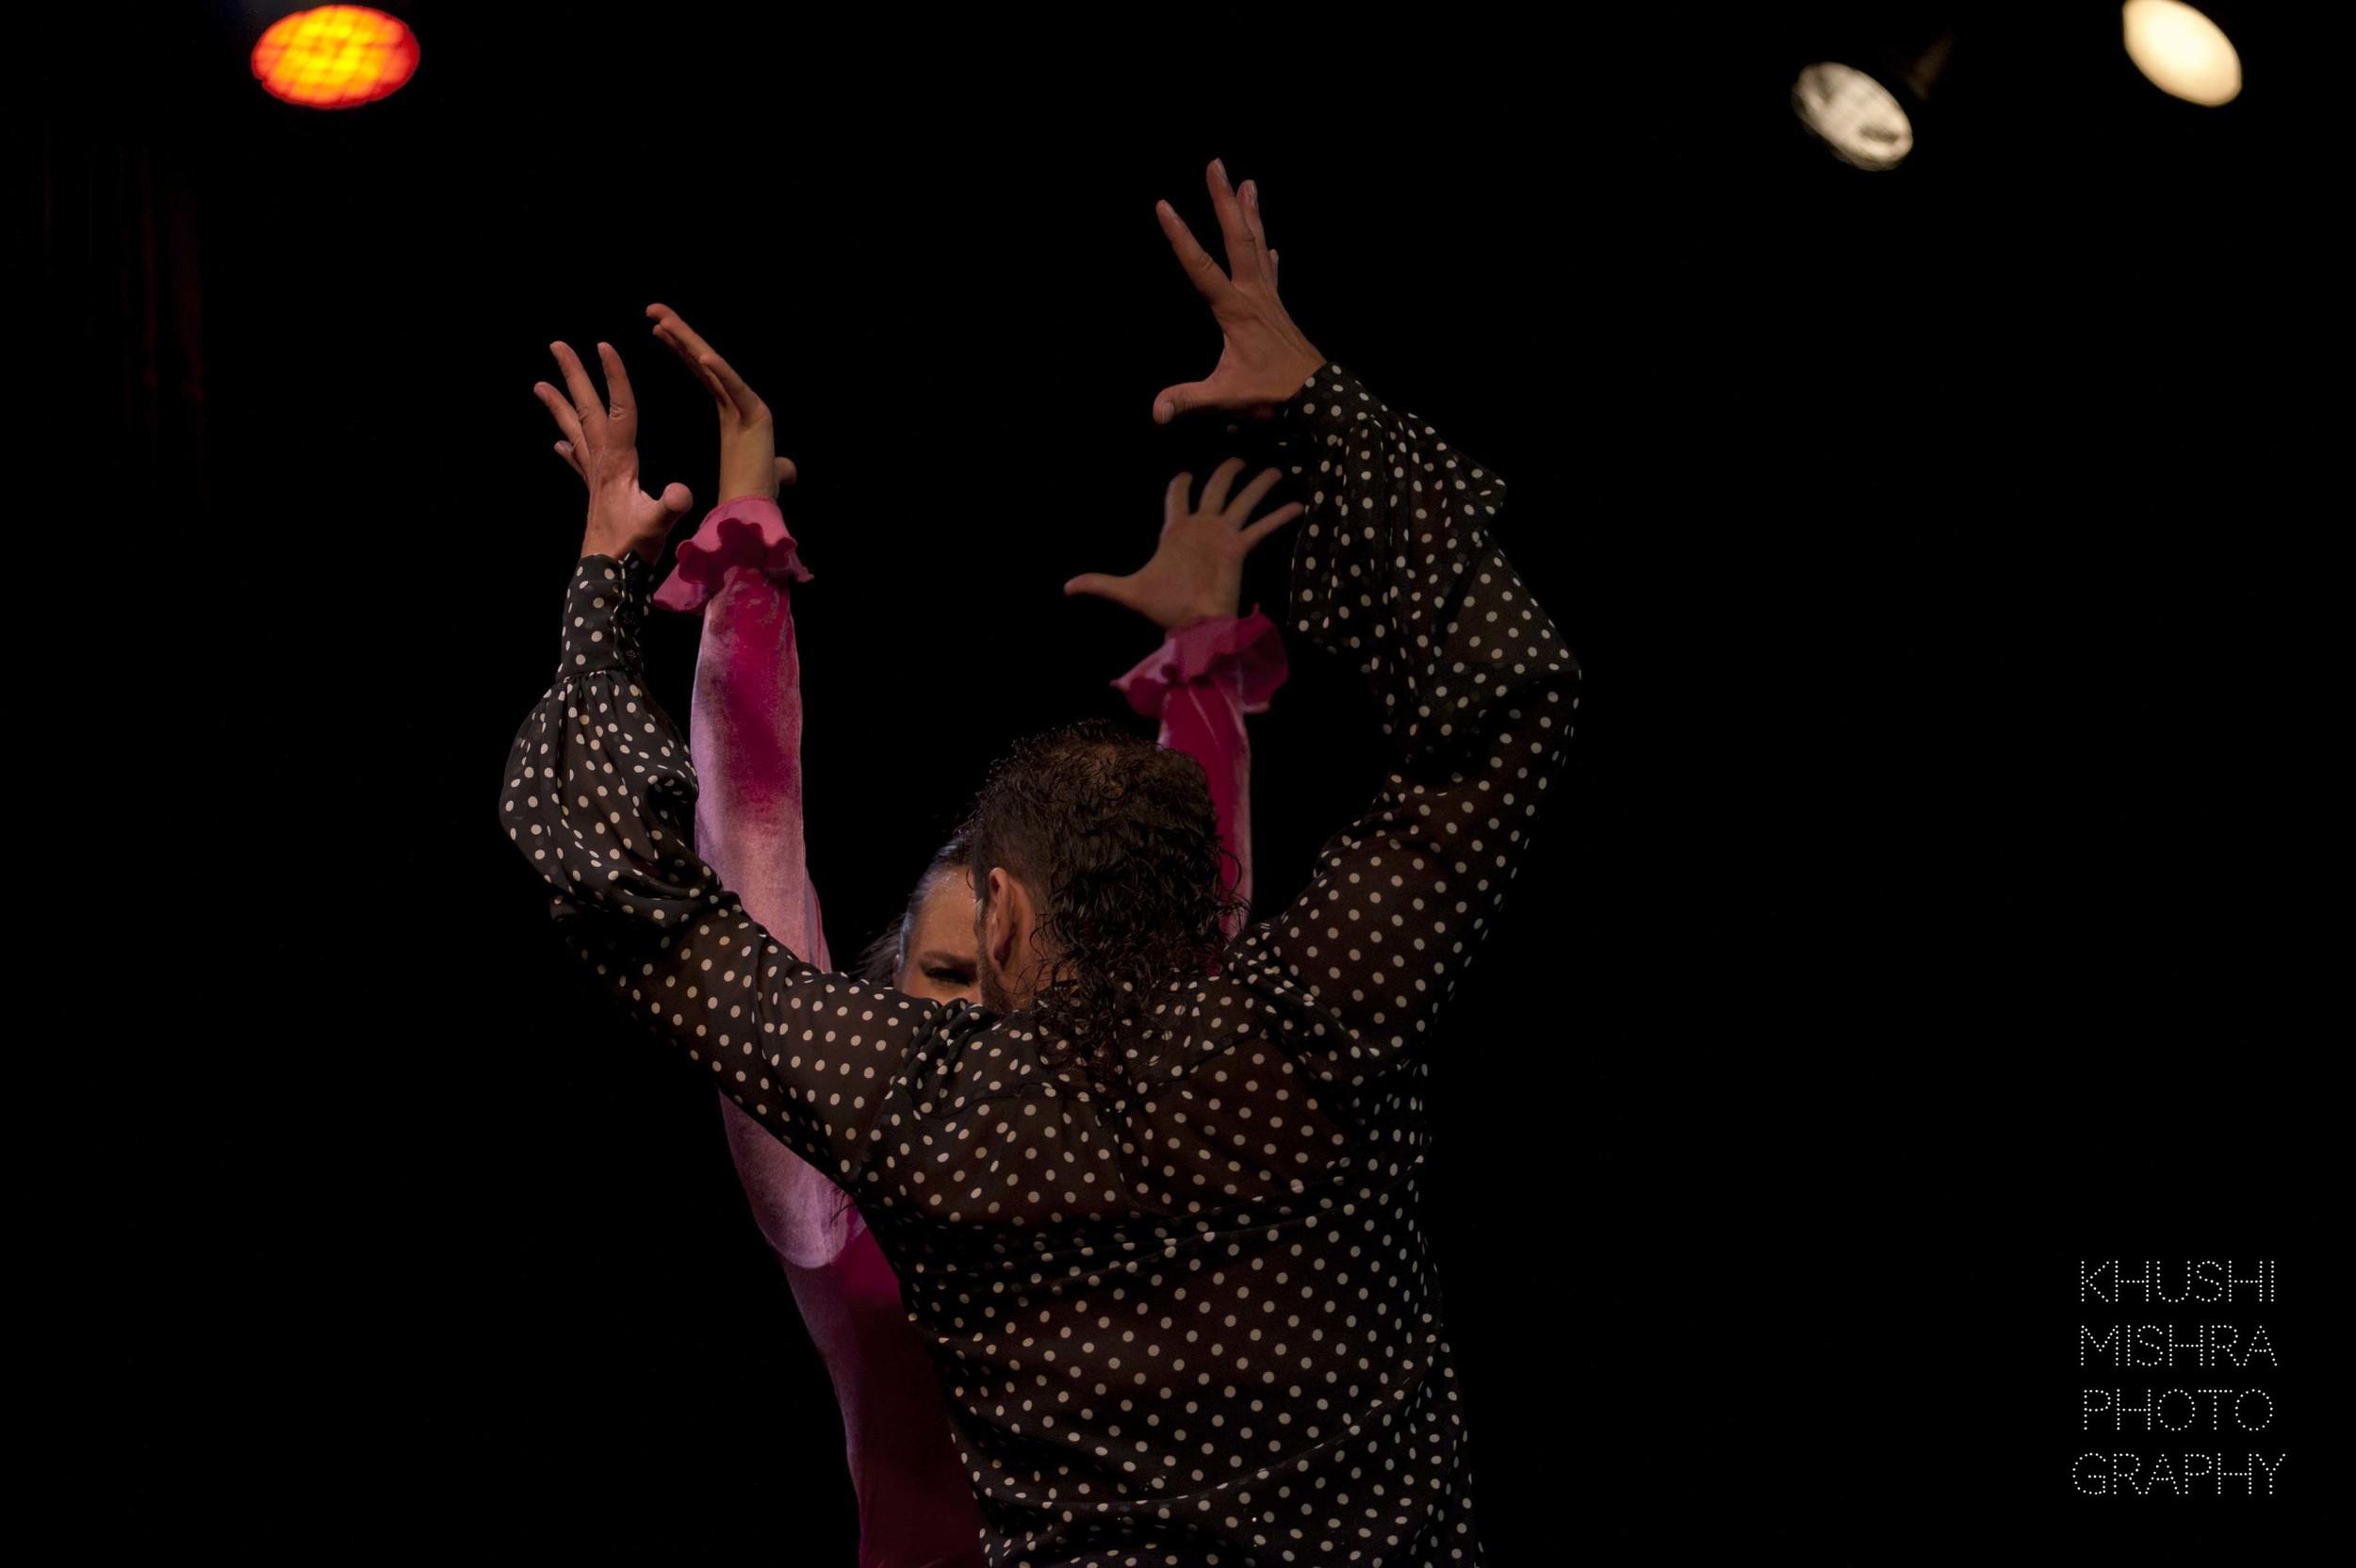 Flamenco_dsc_8000 copy.jpg